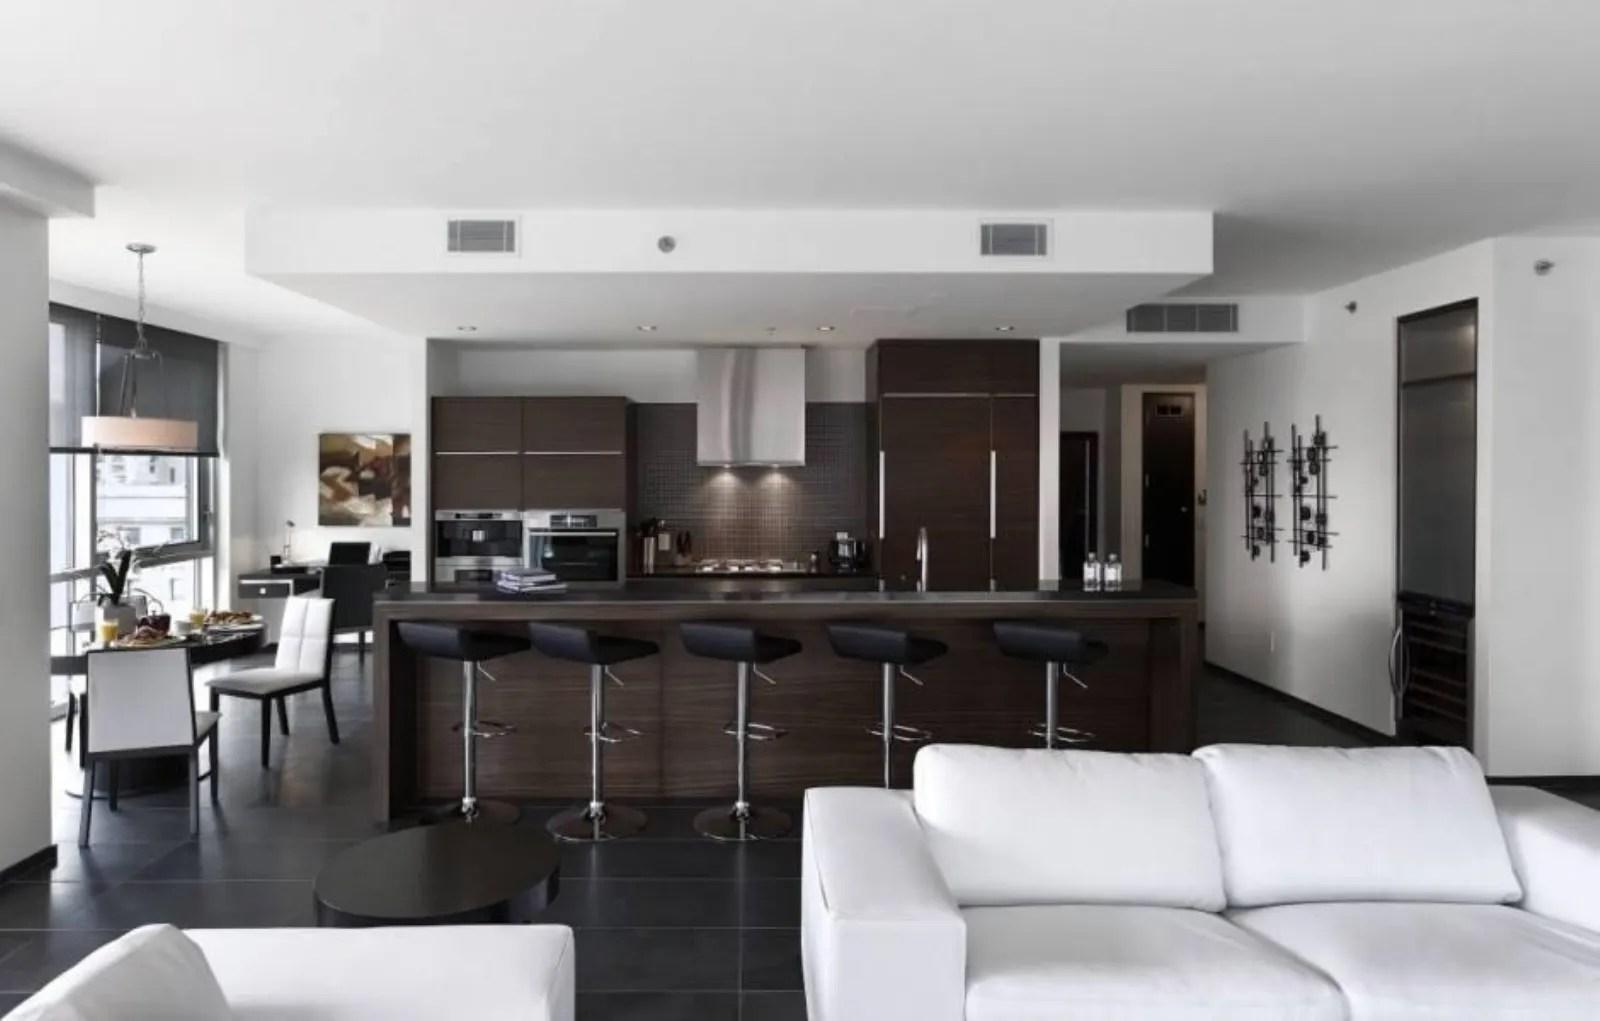 Le case di campagna in stile chic moderno sono un vero e proprio esempio di bellezza ed eleganza. Le Case Arredate Tra Gusto Personale E Tendenze Di Arredo